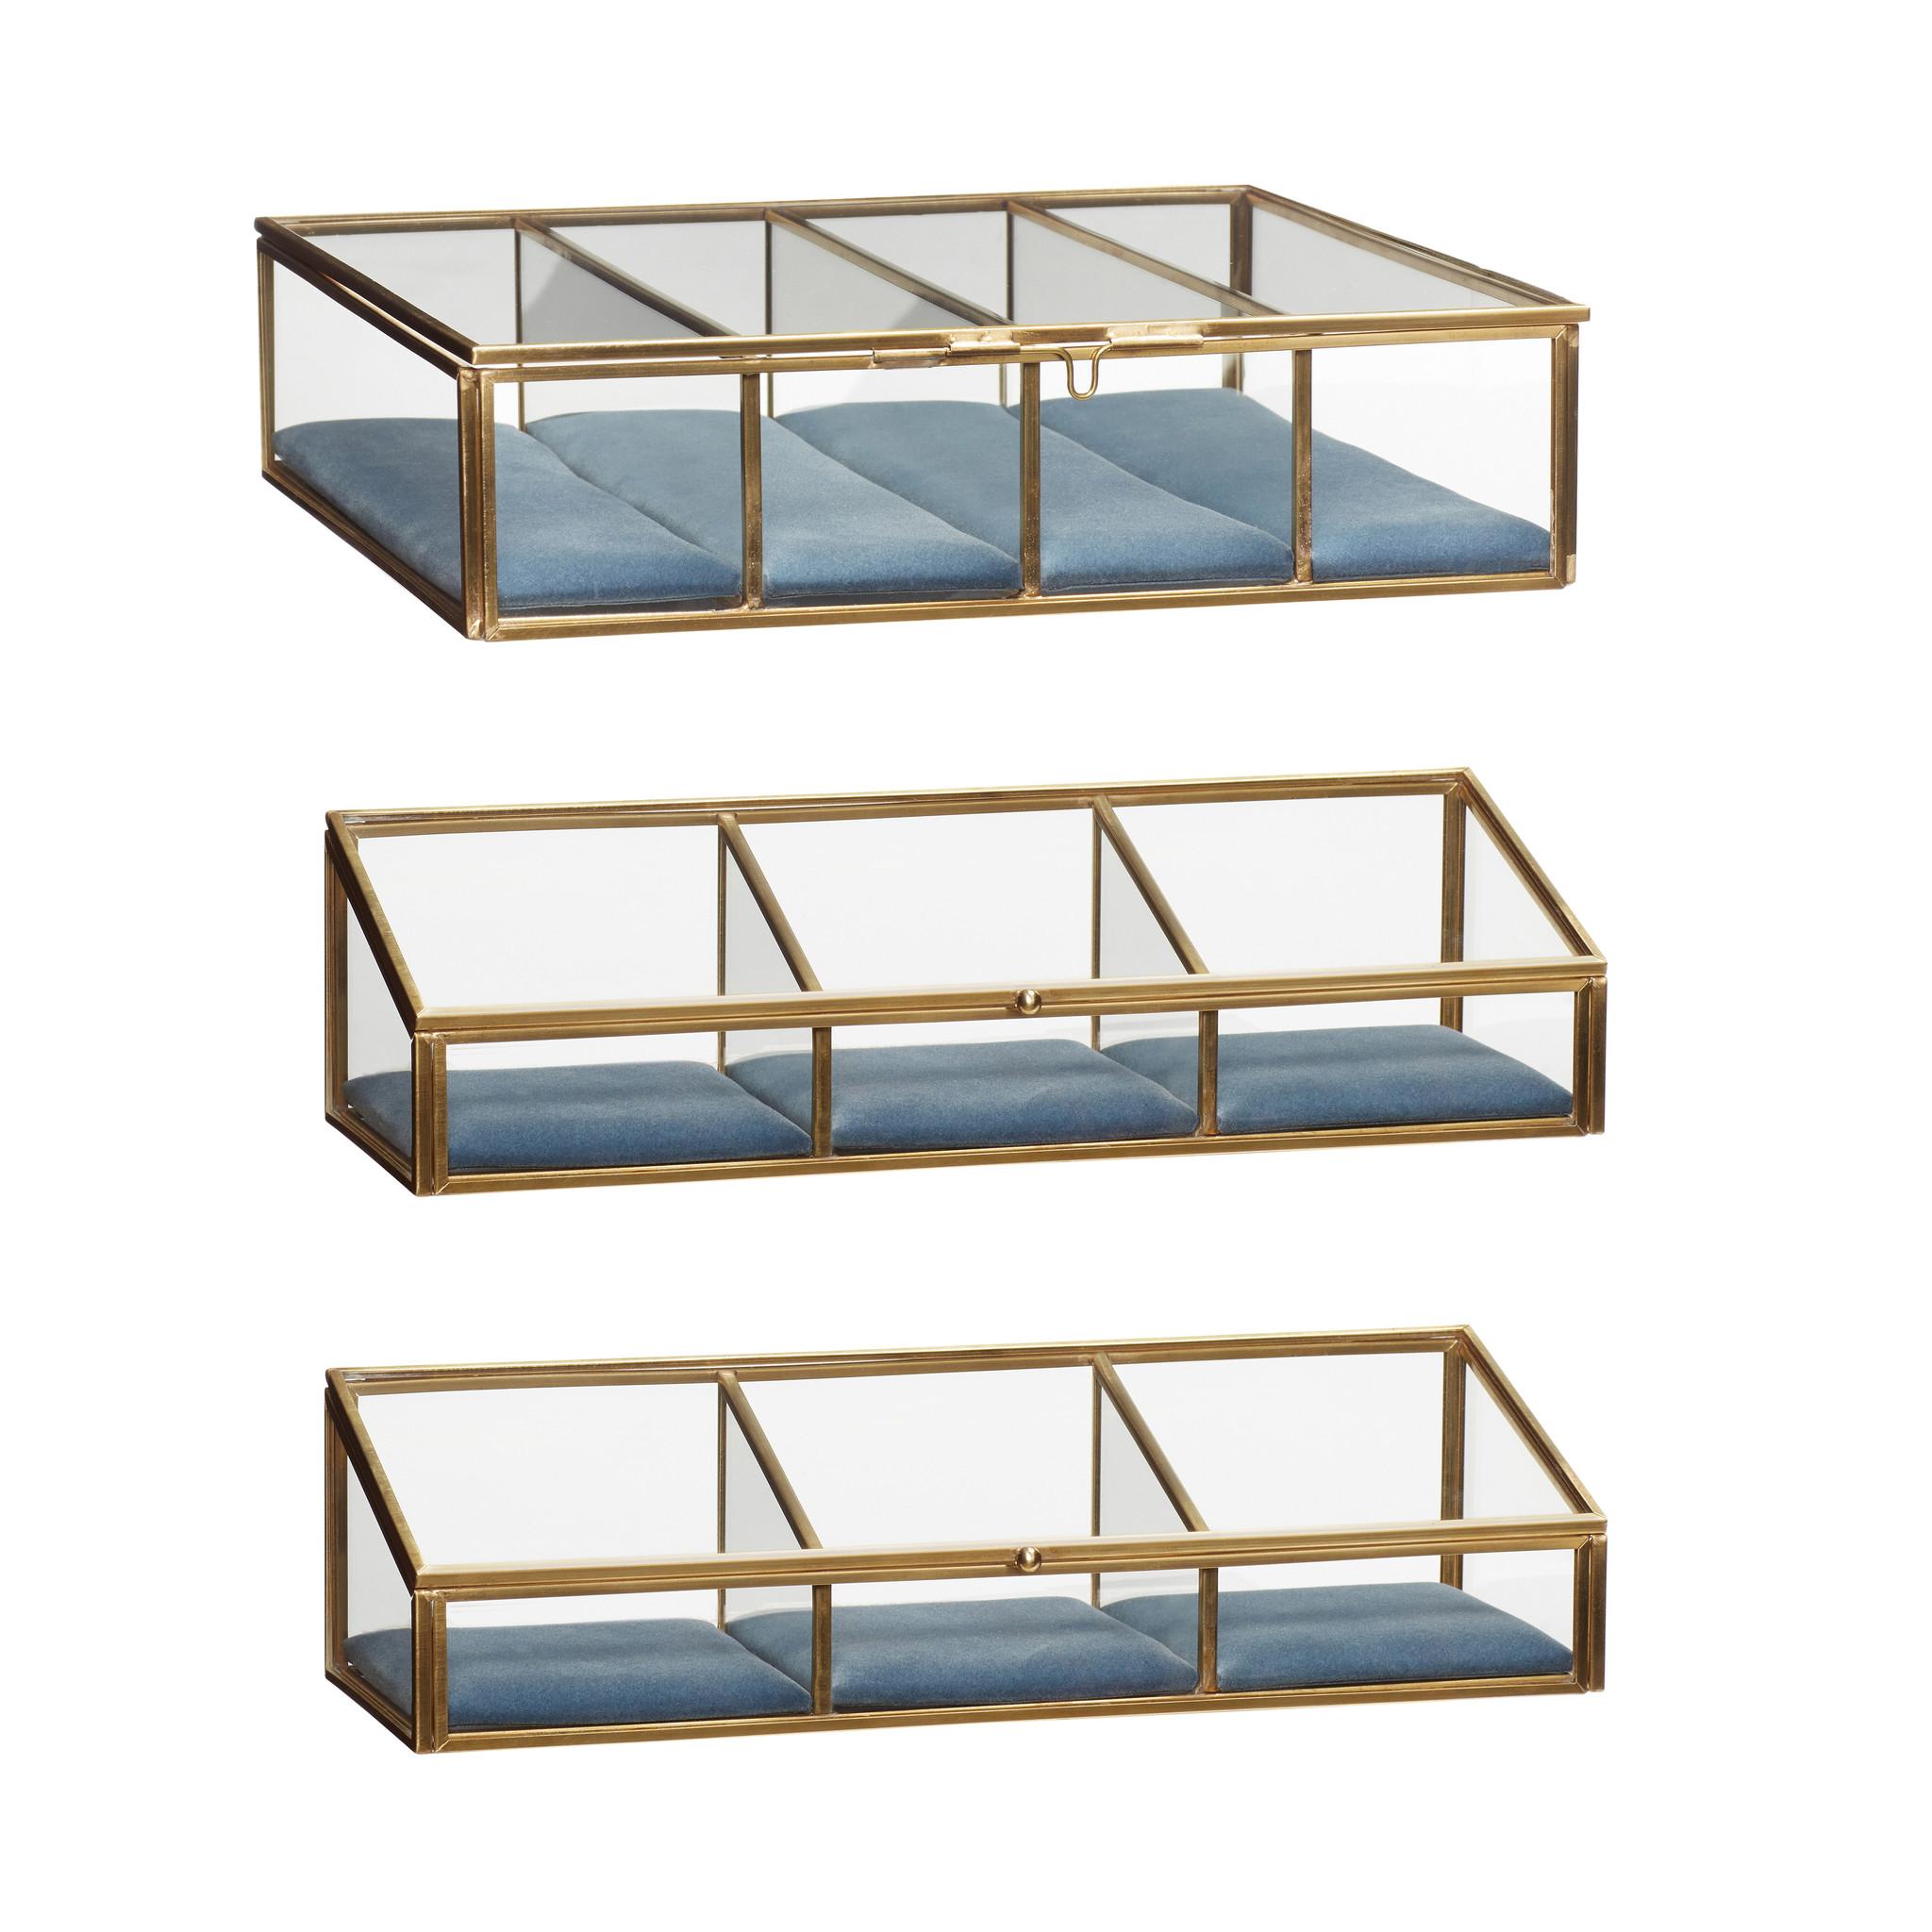 Hubsch Glazen doos, messing / glas, blauw, set van 3